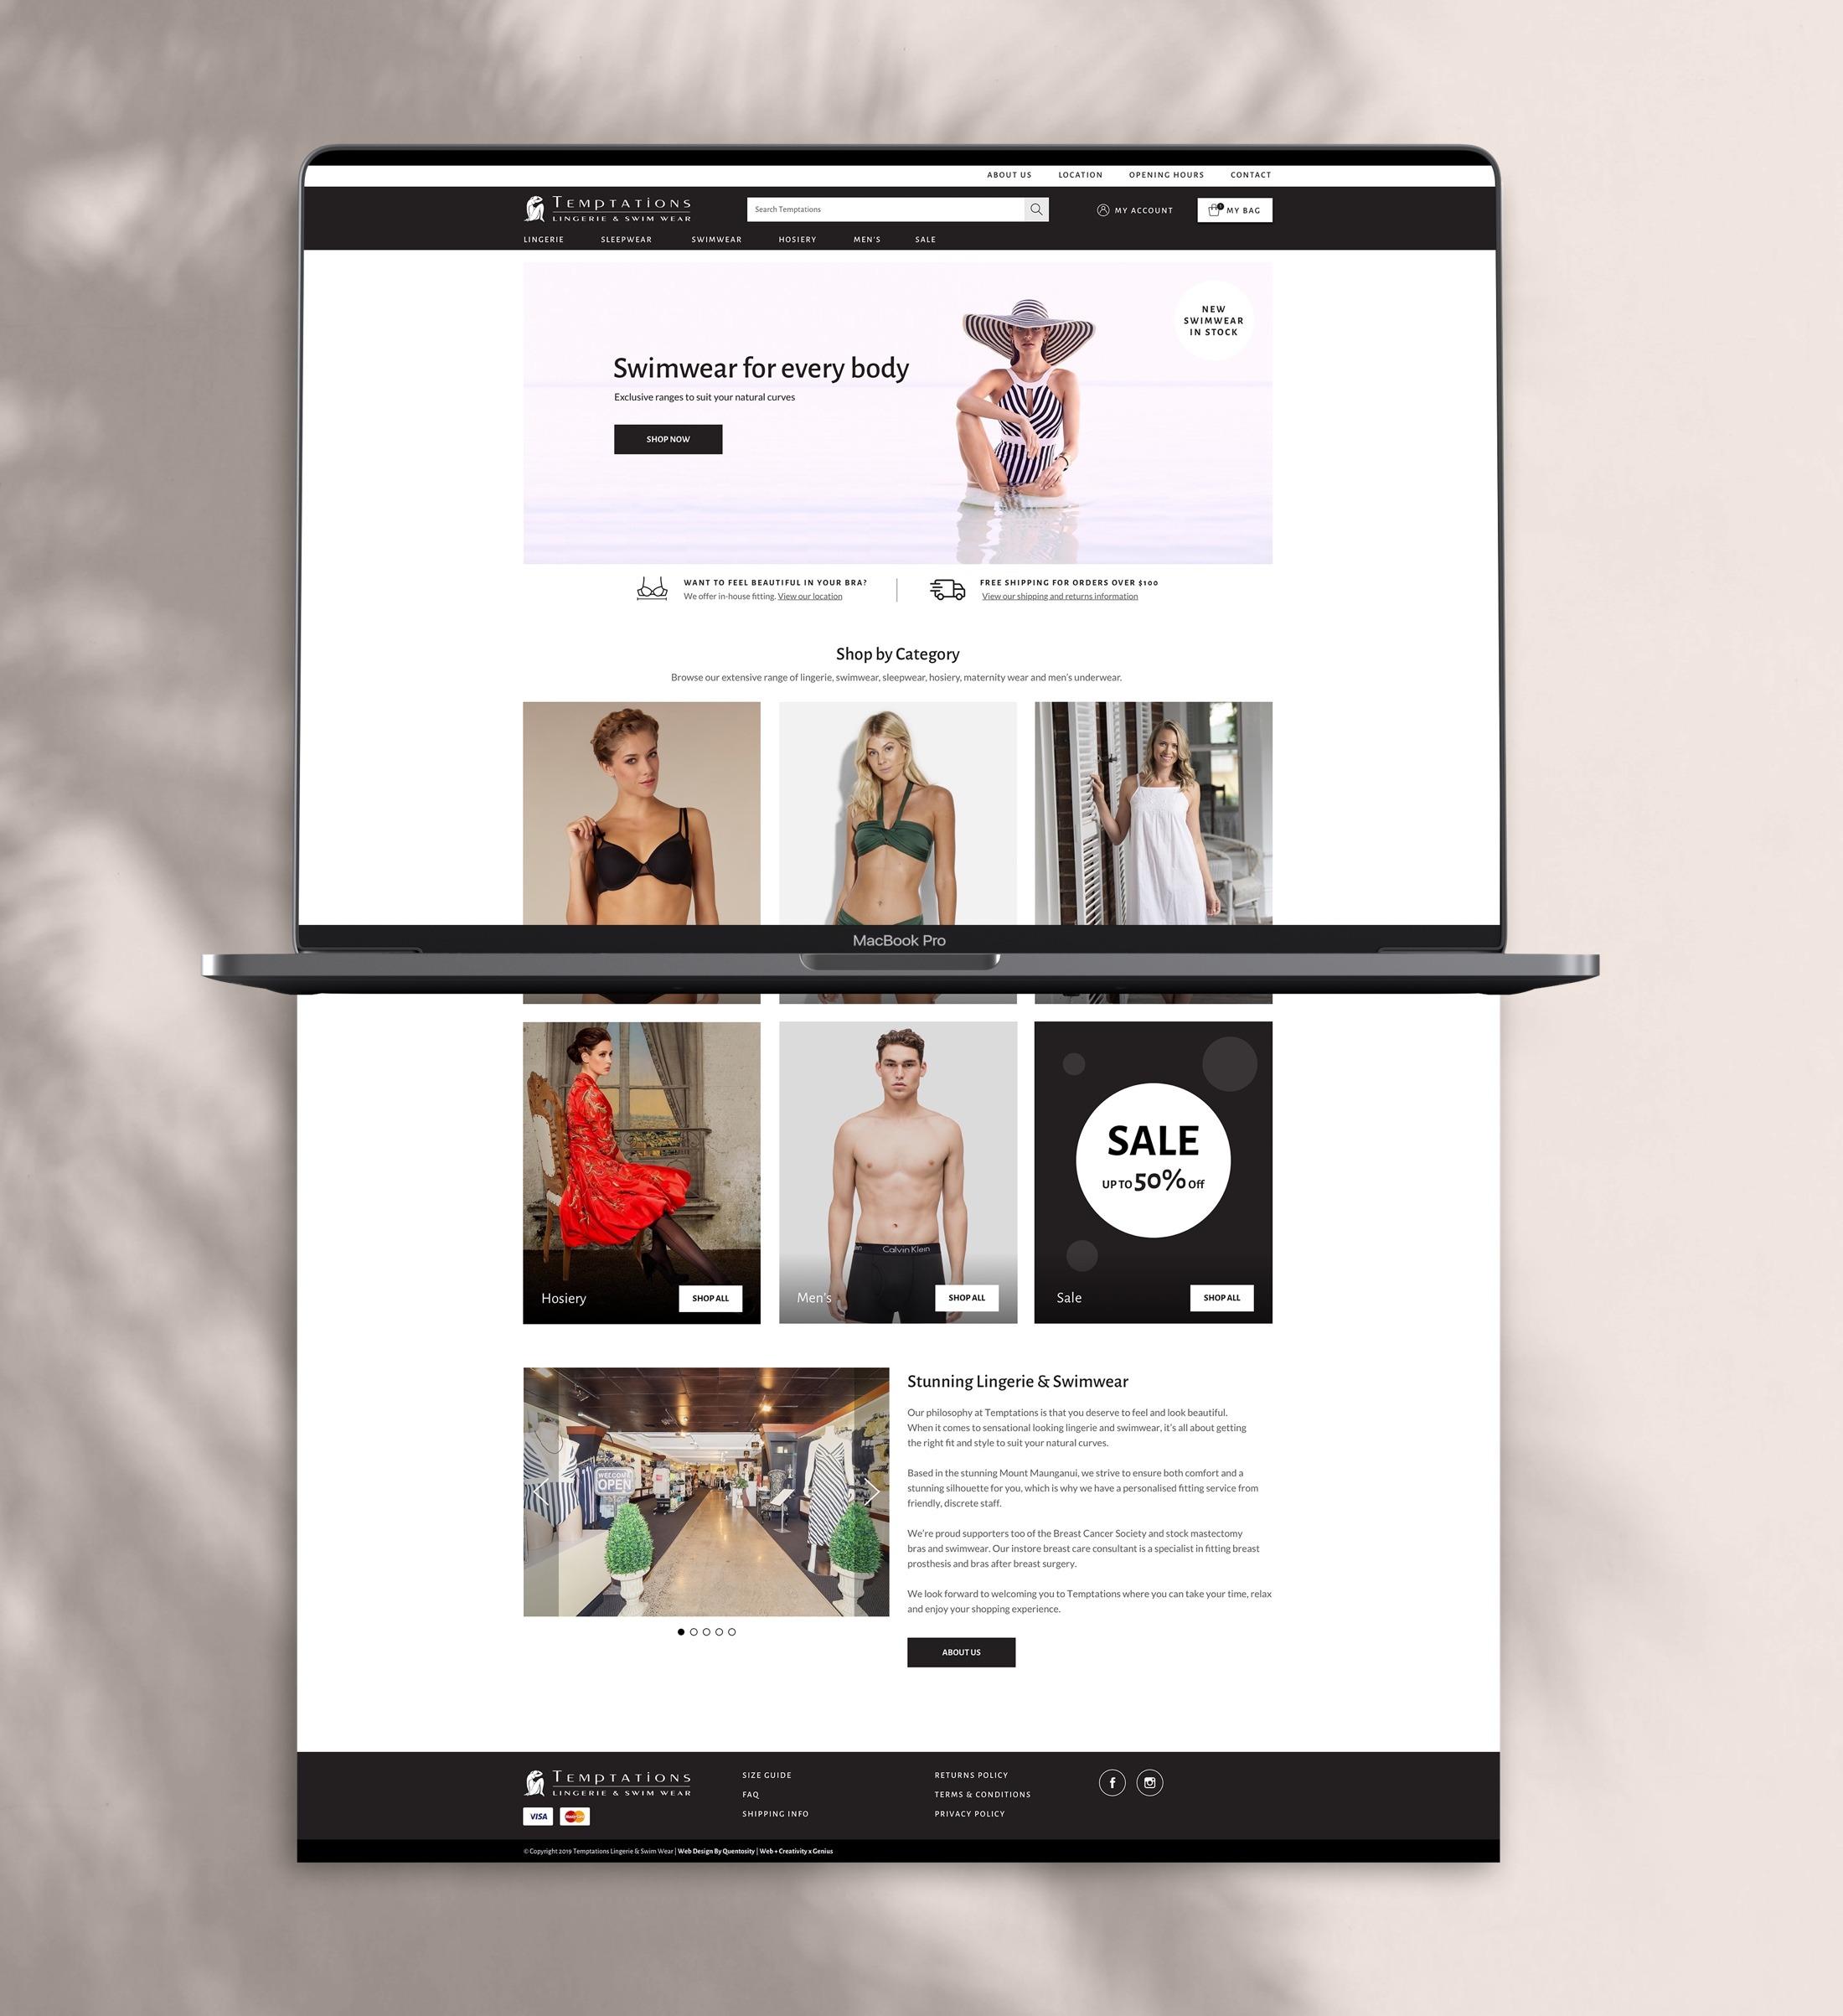 e-commerce - Temptations Lingerie